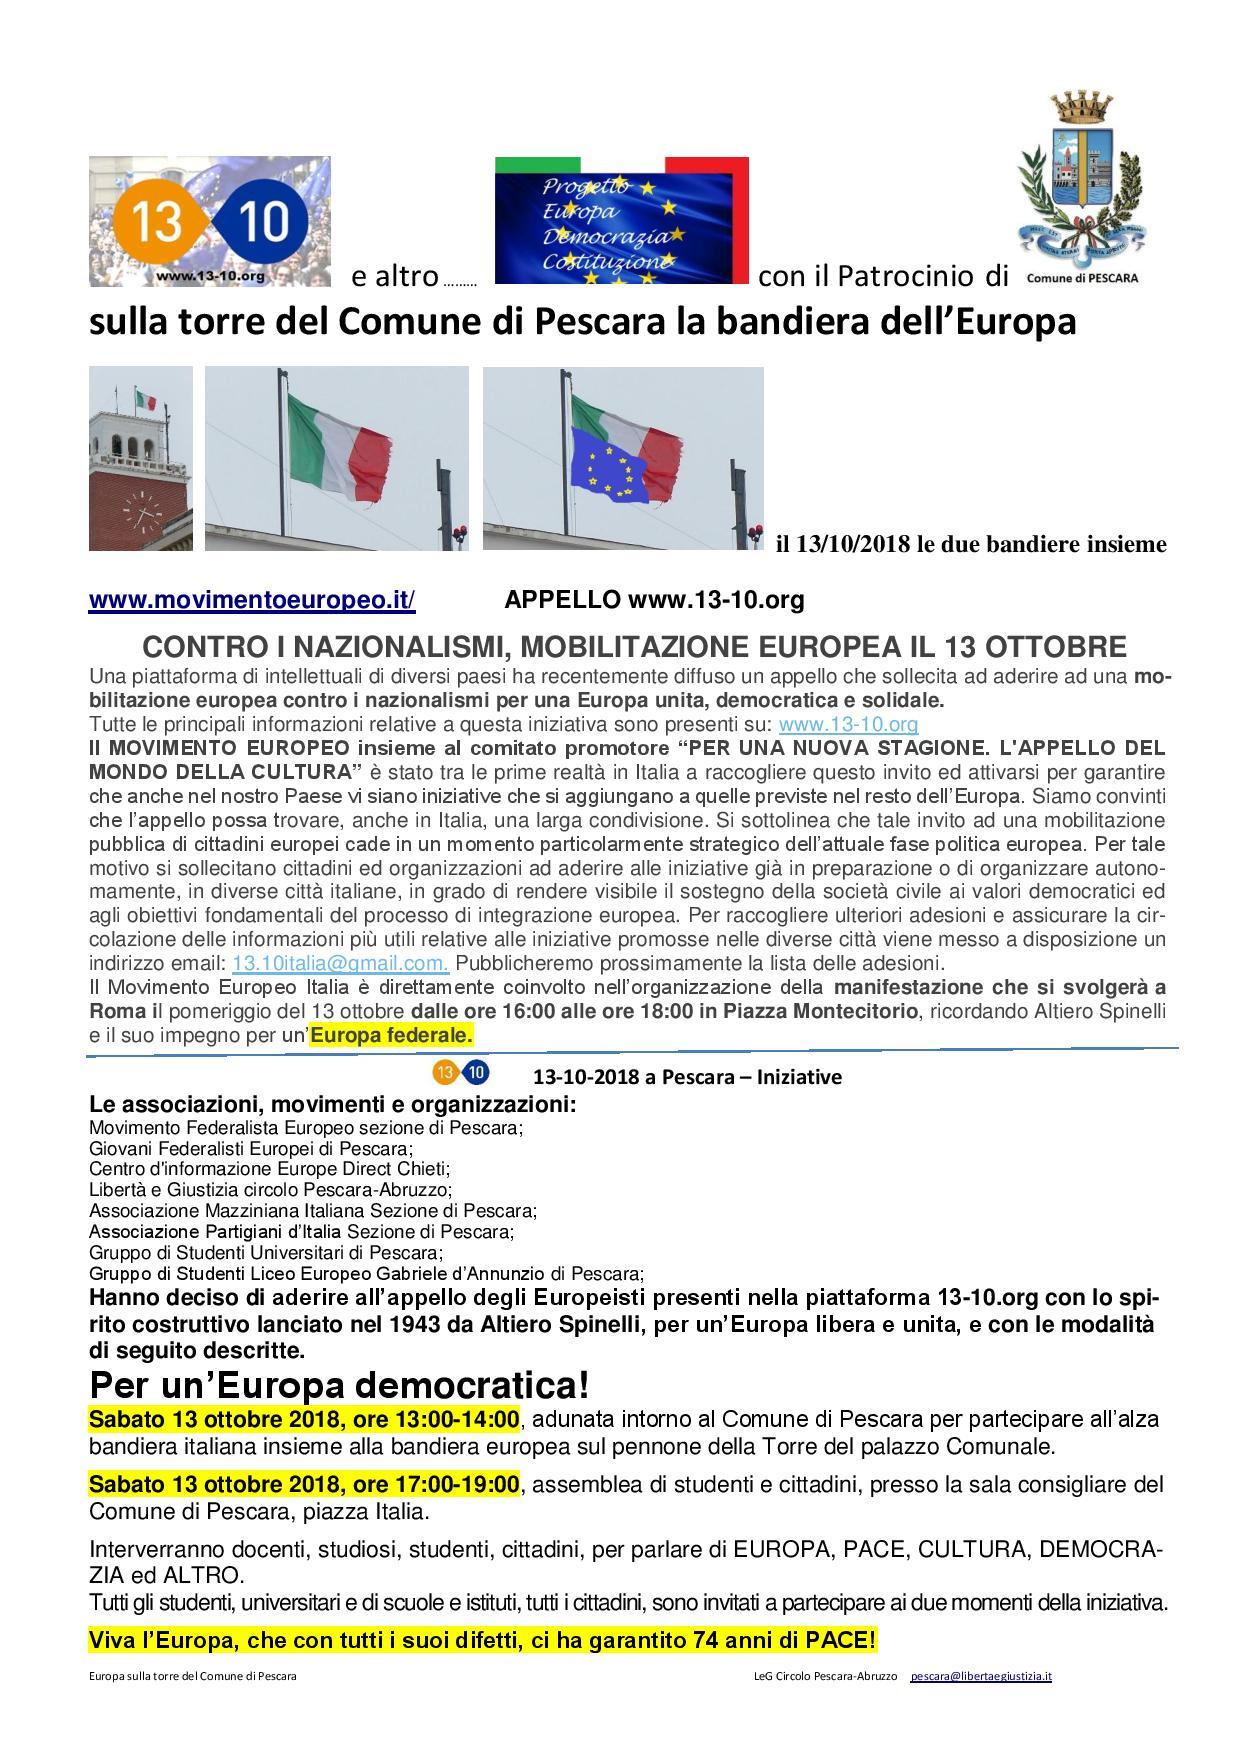 Europa sulla torre del Comune di Pescara2-page-001